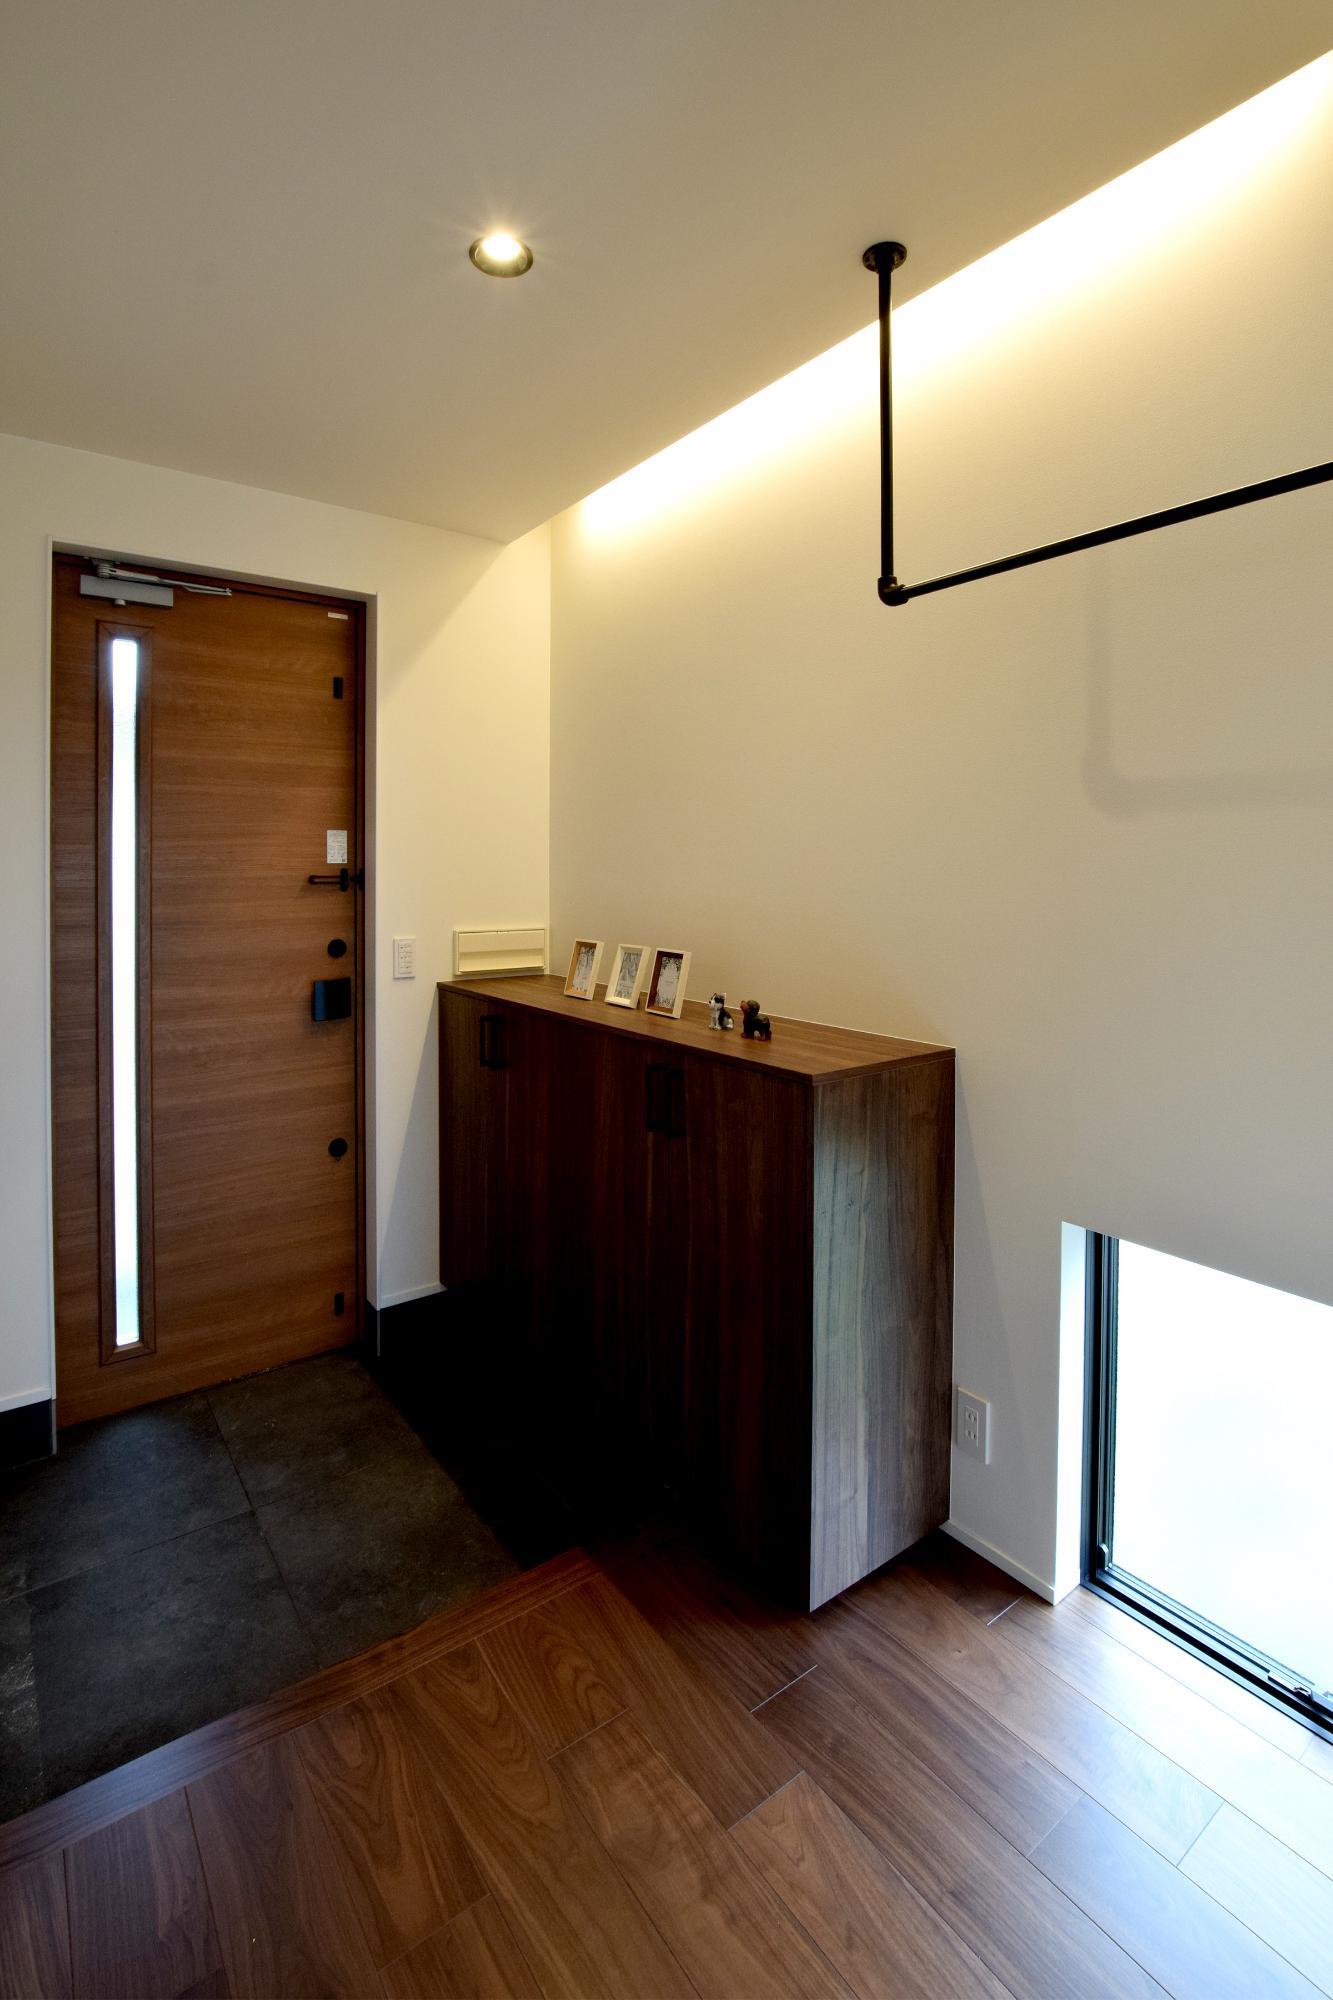 DETAIL HOME(ディテールホーム)「充実収納のスタイリッシュハウス」のモダン・和風・和モダンな玄関の実例写真